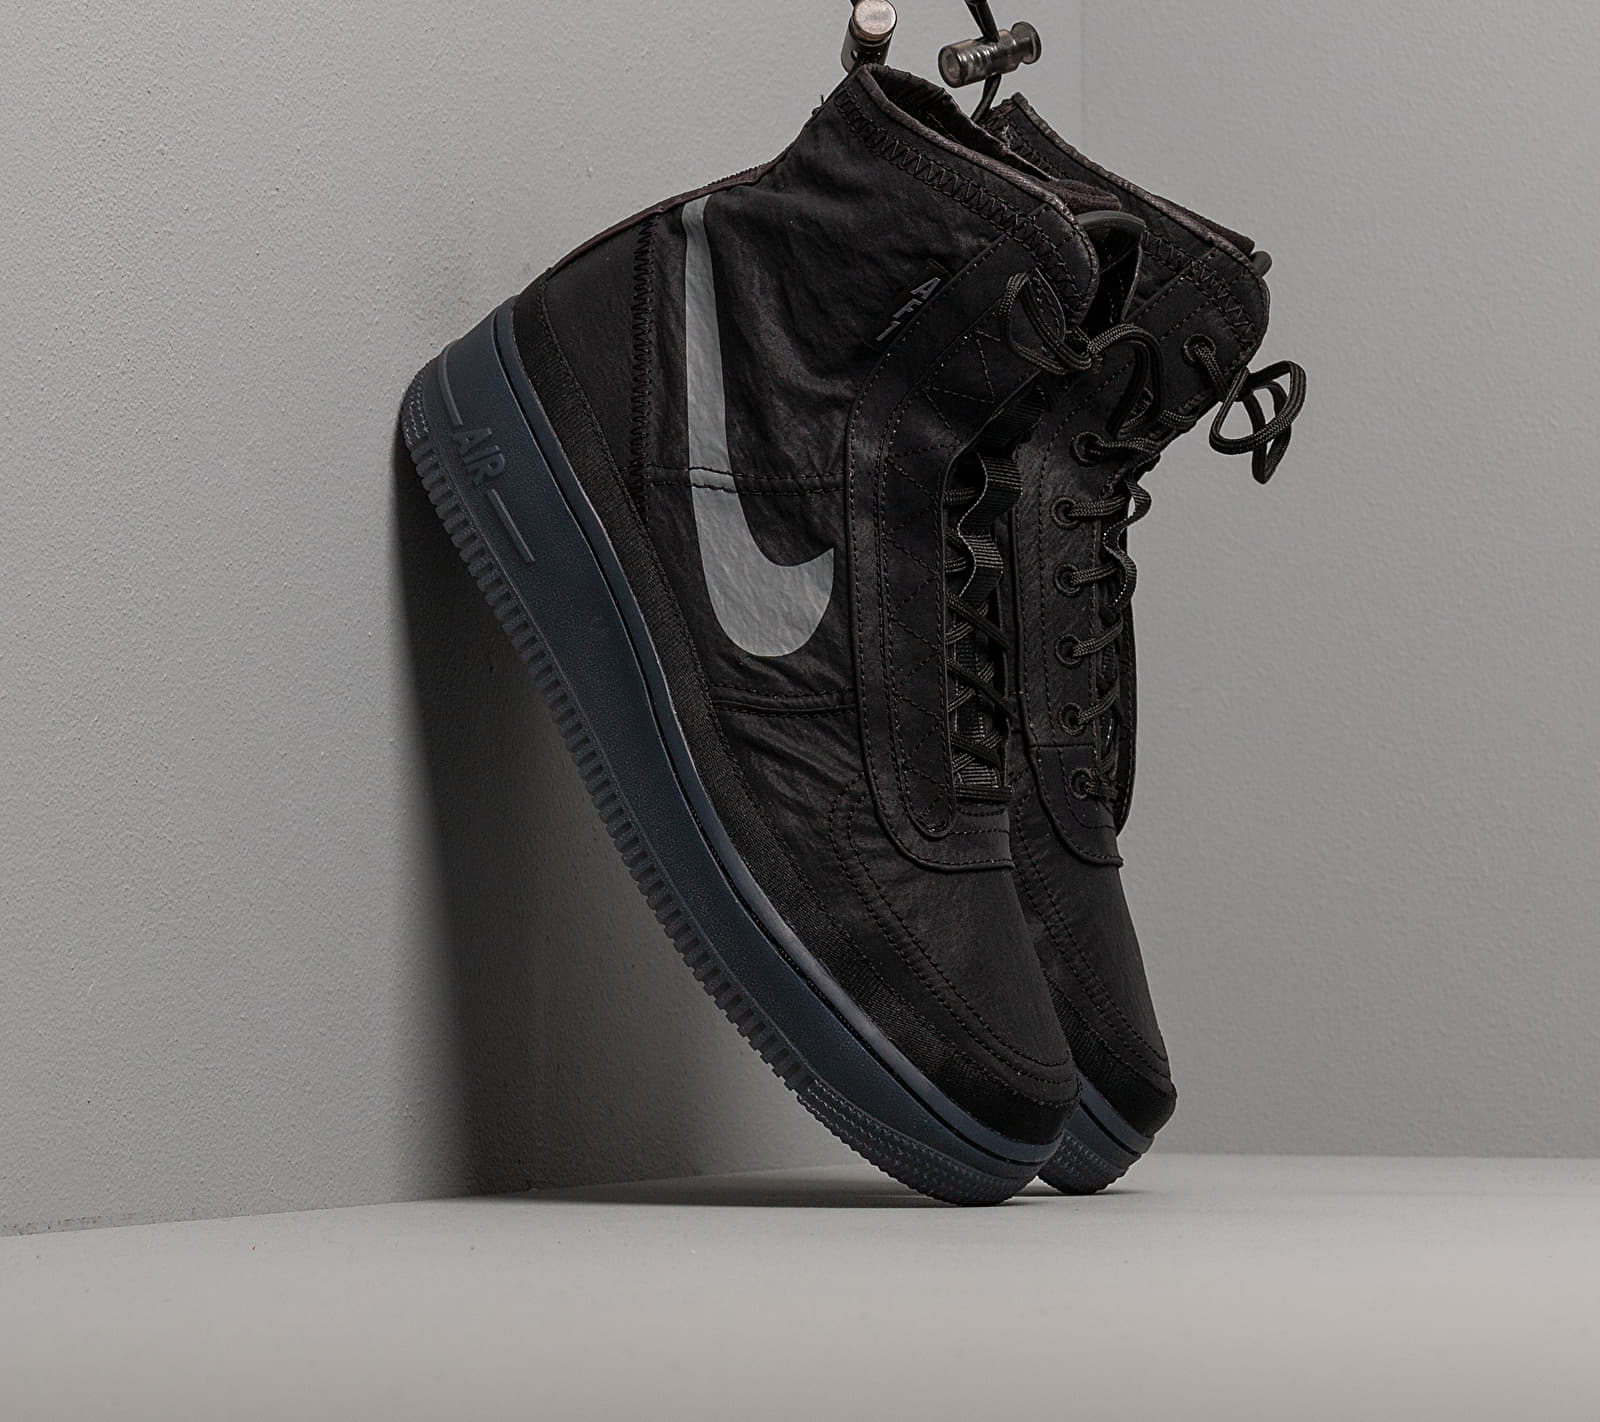 Nike W Air Force 1 Shell Black/ Dark Grey-Black EUR 35.5